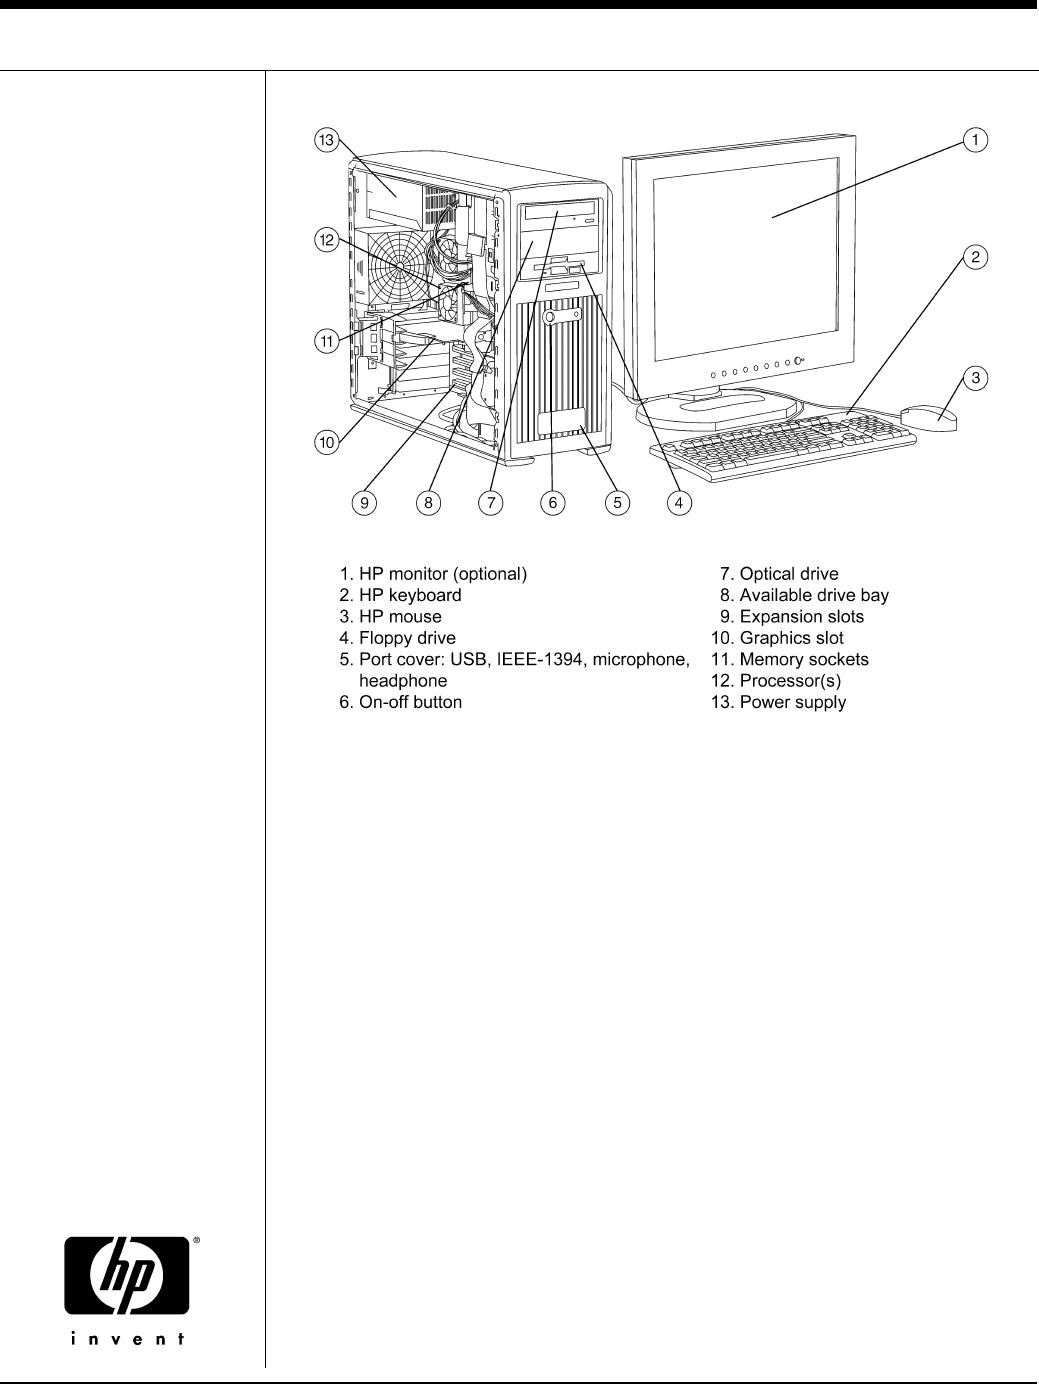 HP (Hewlett-Packard) Personal Computer xw8000 User Guide